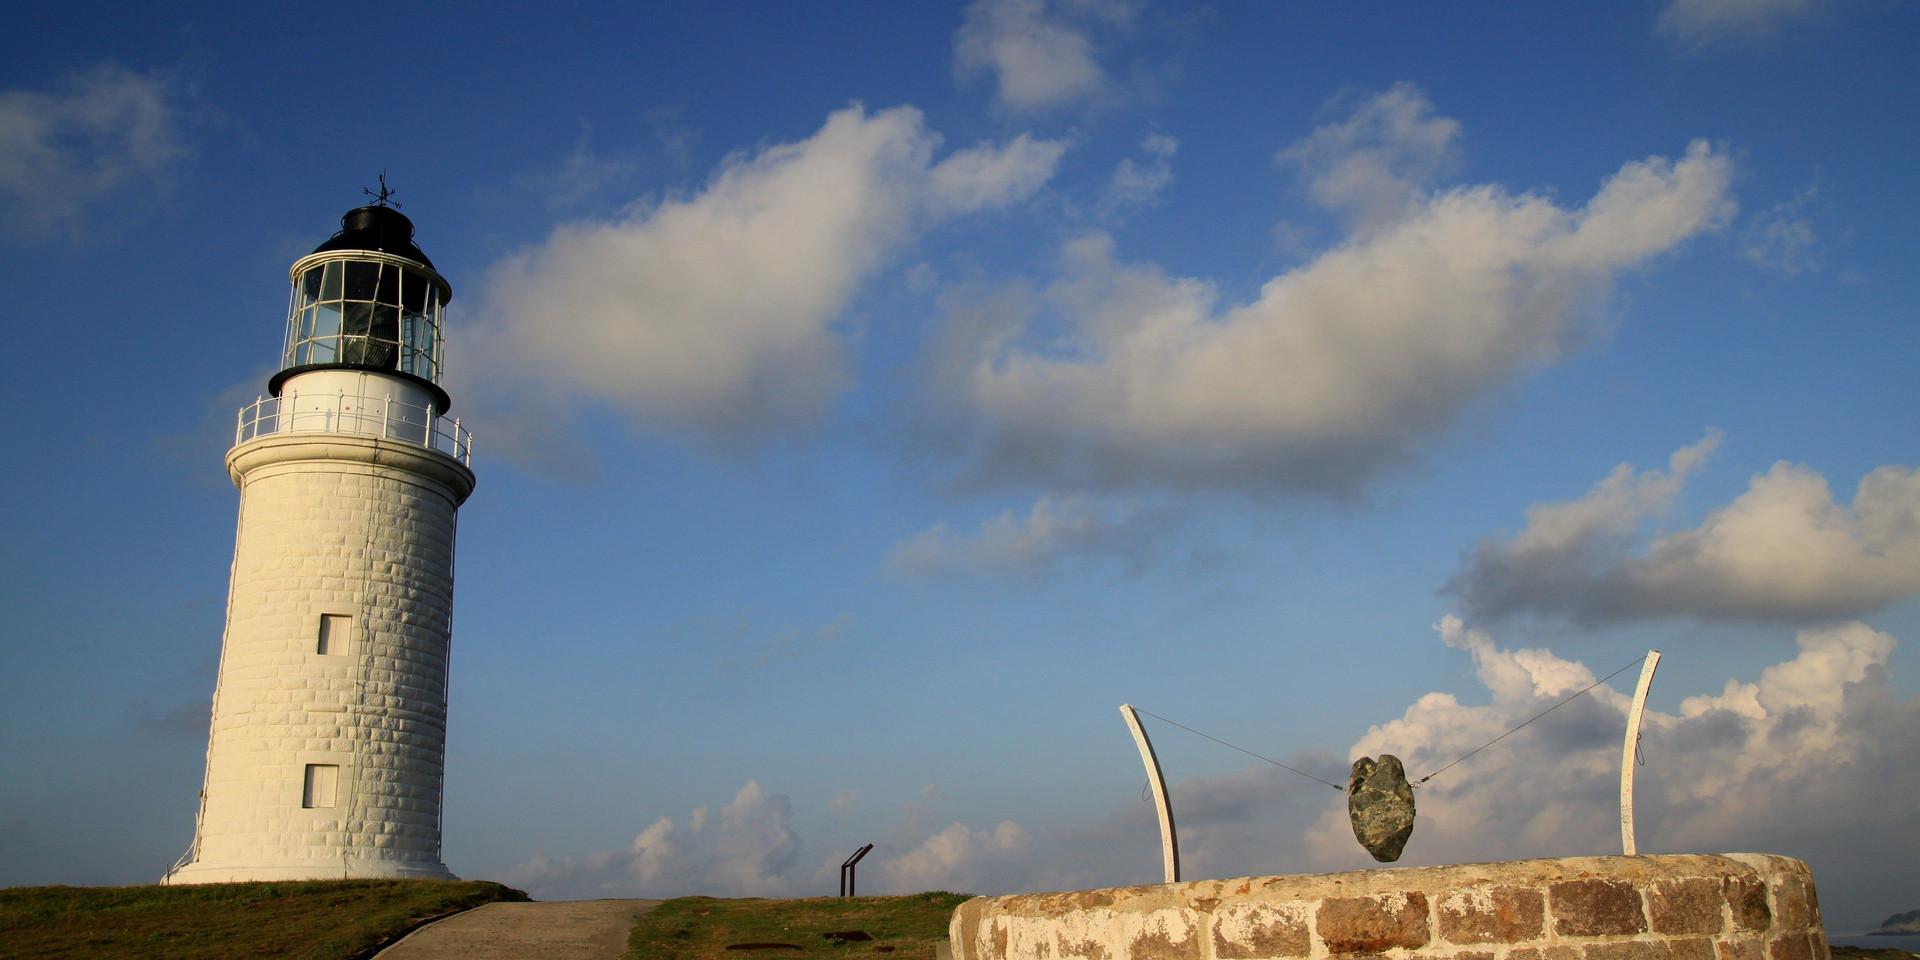 馬祖東莒藍天下的東犬燈塔